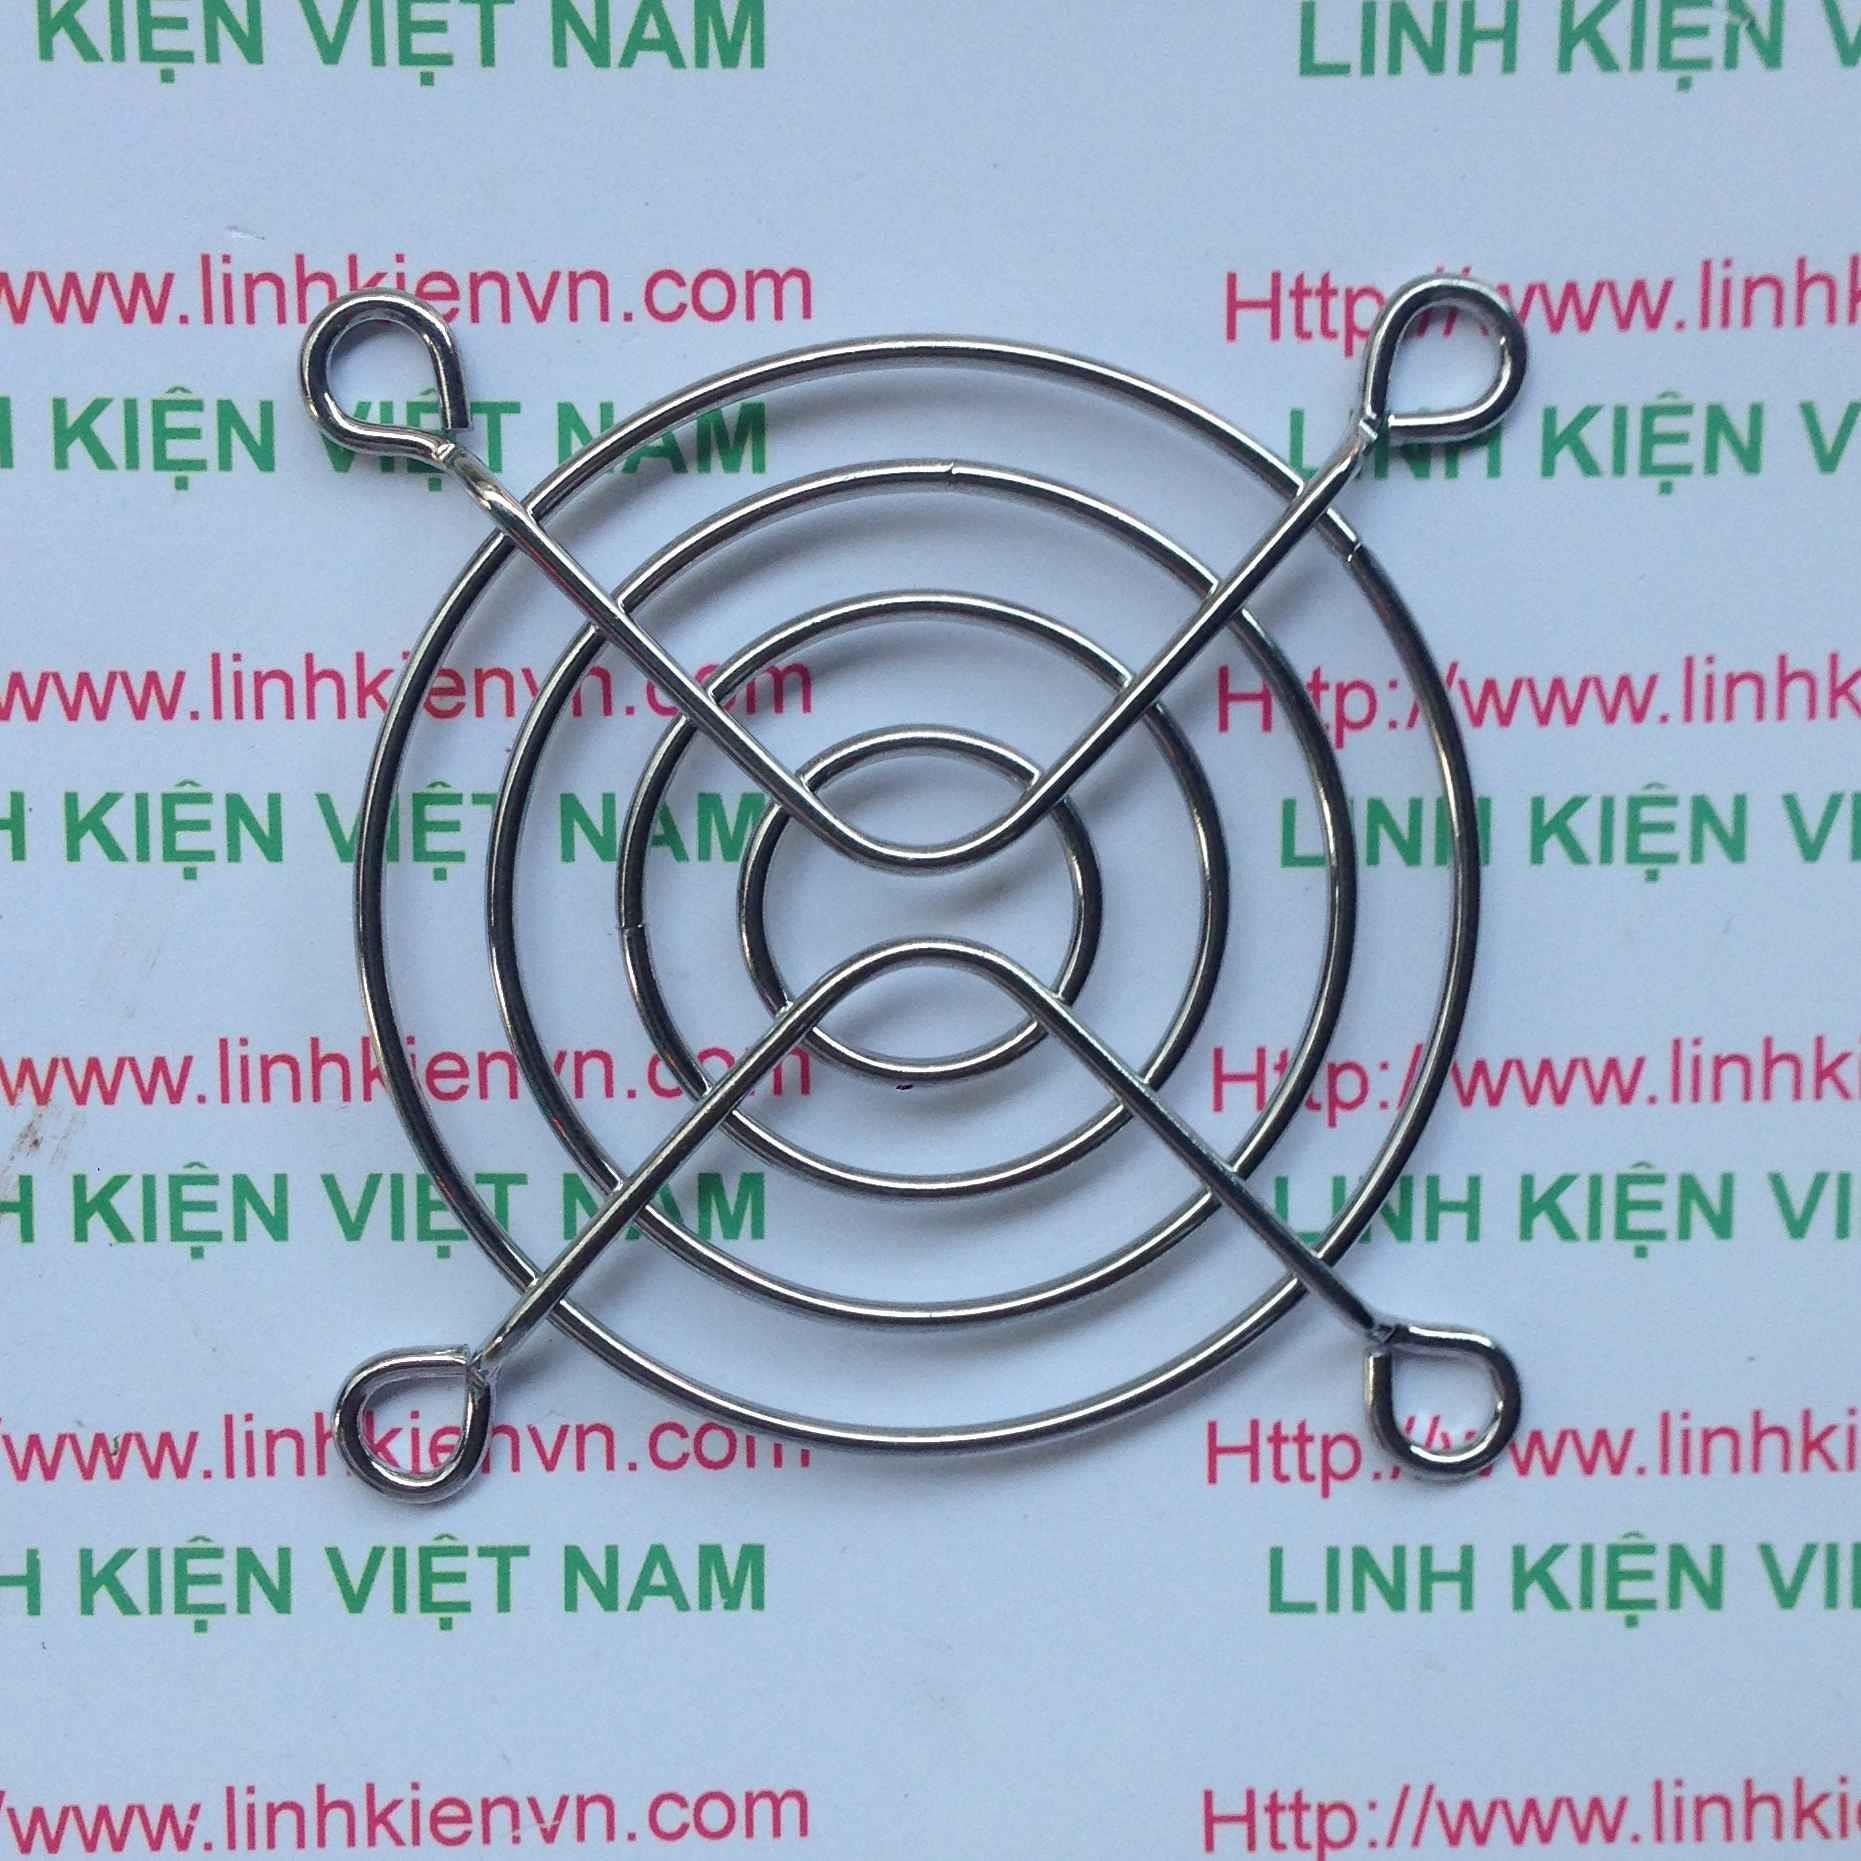 Tấm bảo vệ quạt Fan 6x6 Cm / Miếng bảo vệ fan / Lưới bảo vệ Fan / Phụ kiện Fan / Tấm bảo vệ cho quạt Fan 6x6 Cm - (KA5H3)